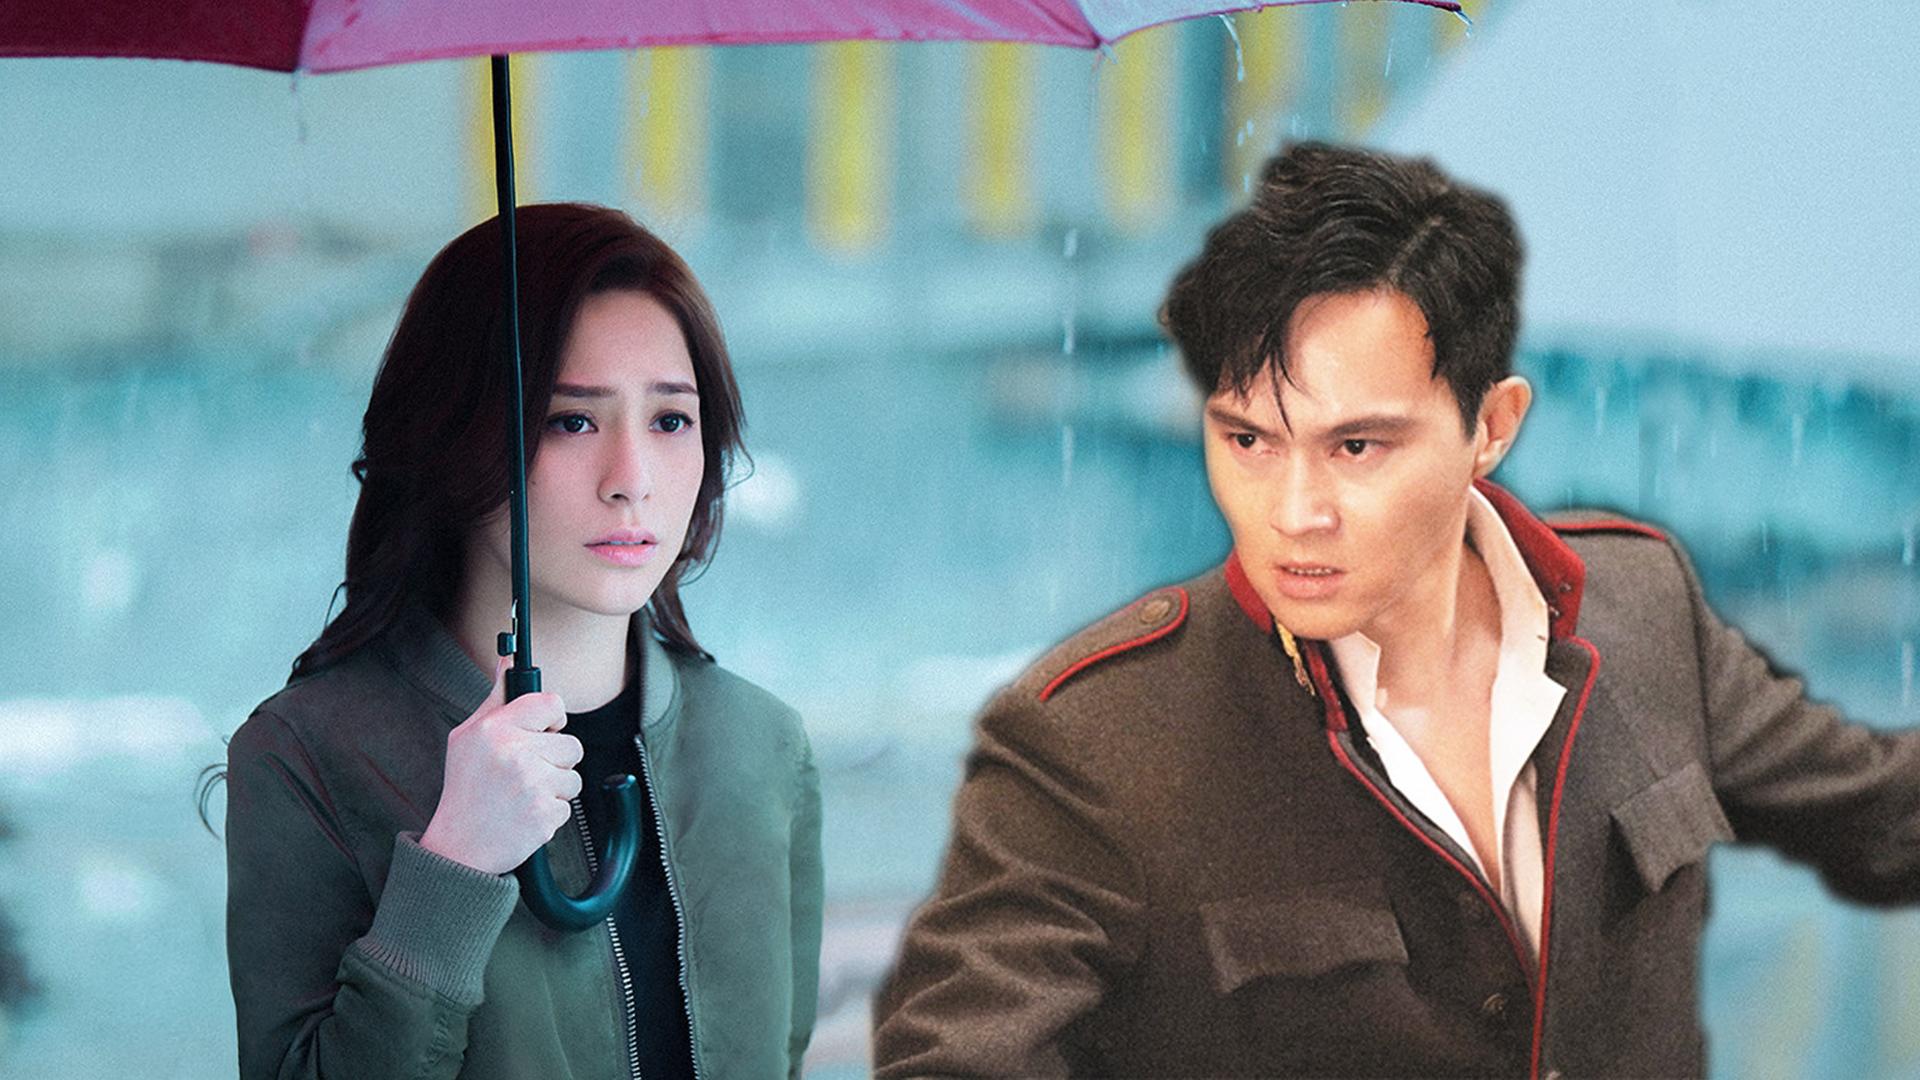 #经典看电影#电影吐槽:五分钟带你看《京城81号2》关爱不孕女性的究极绝招